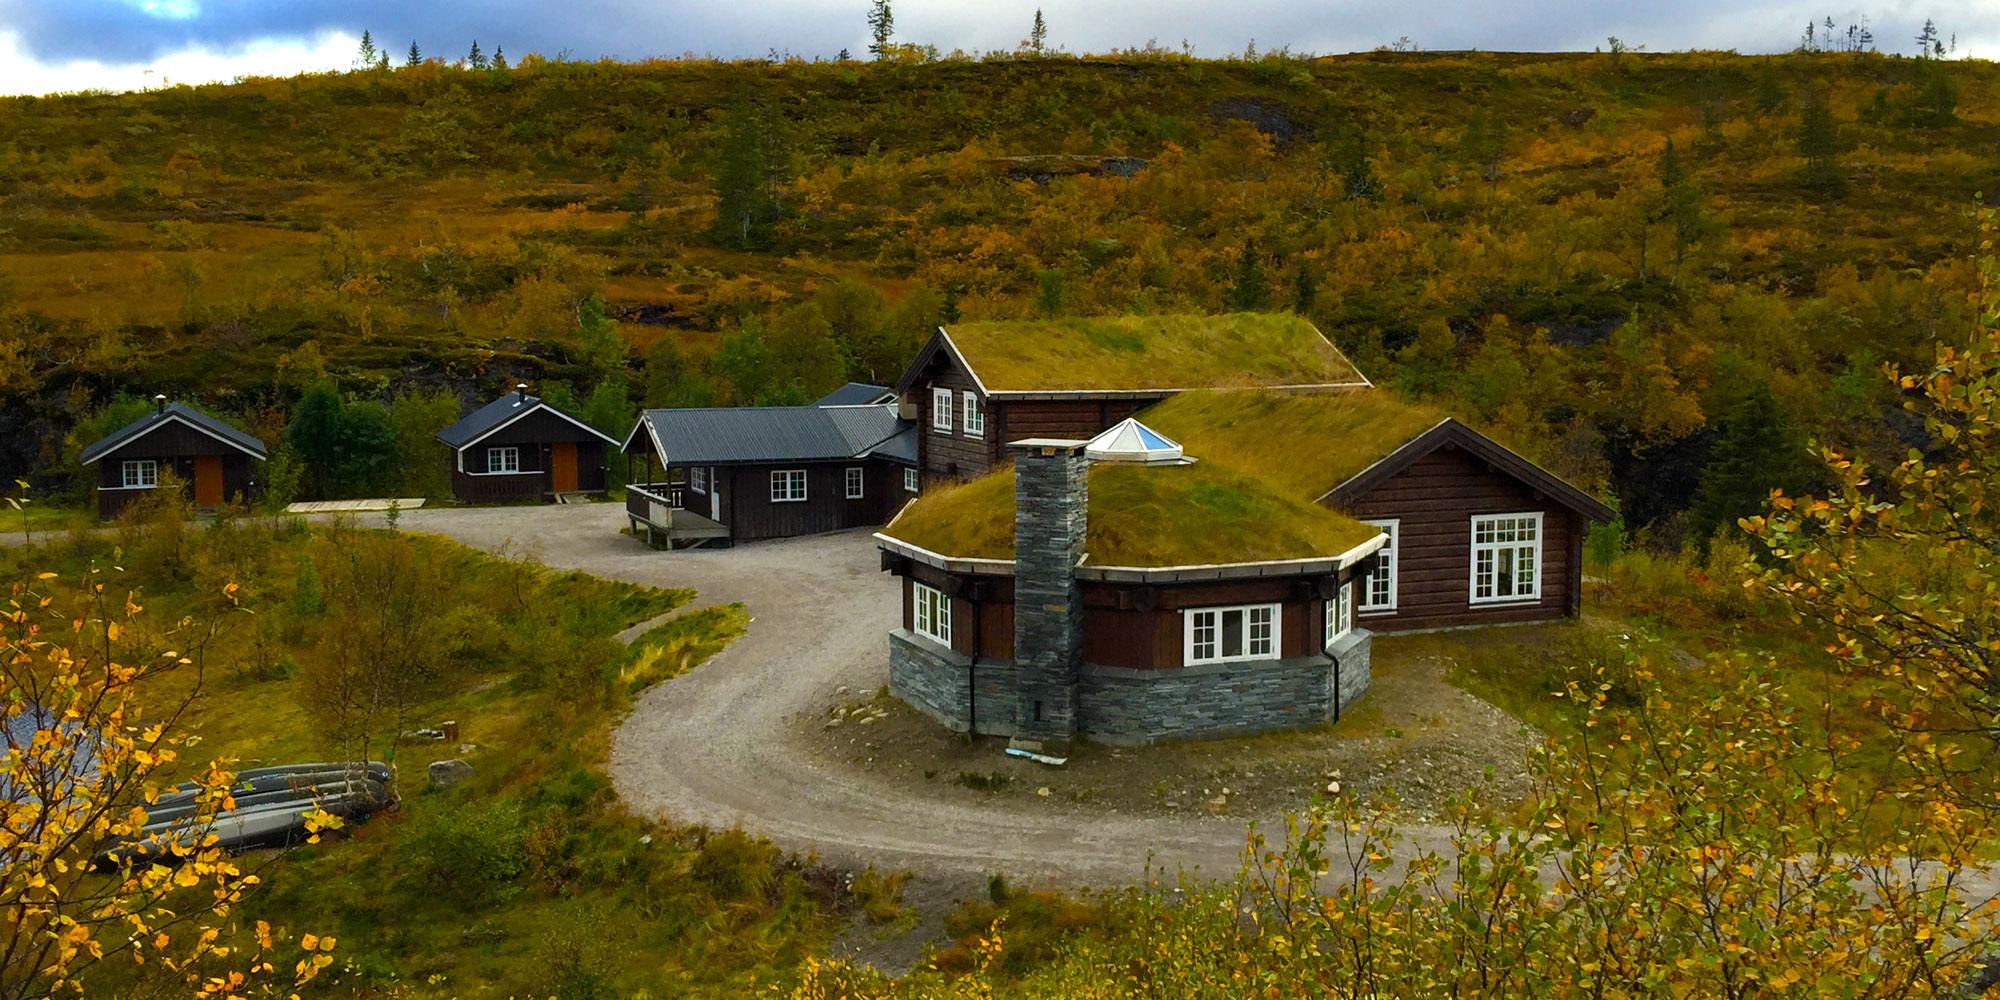 Ismenningen Lodge & Cabin rental . Copyright: Ismenningen